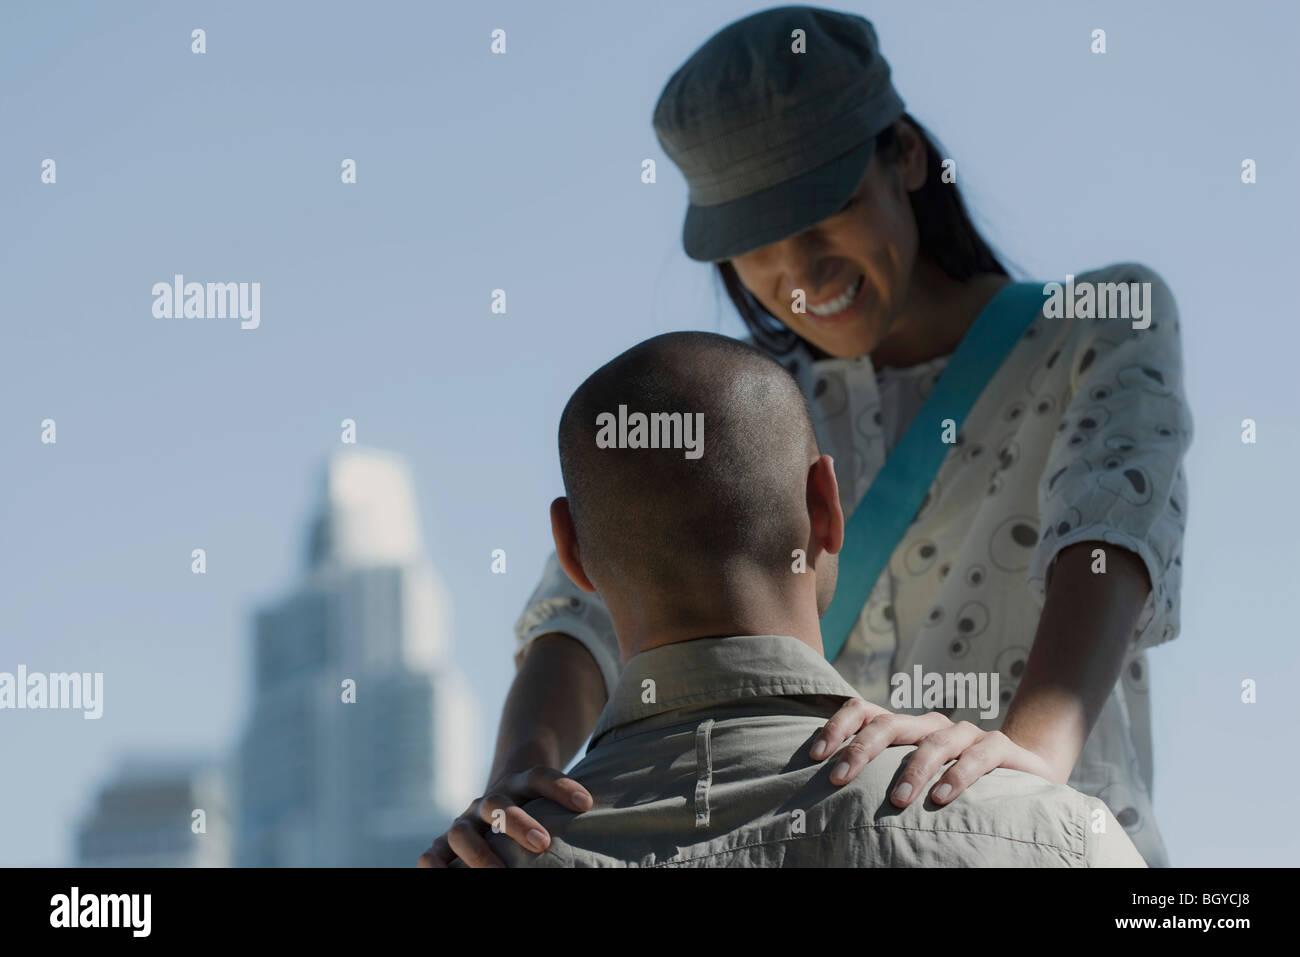 Jeune couple, l'homme assis, femme debout à l'avant avec les mains placées sur les épaules Photo Stock